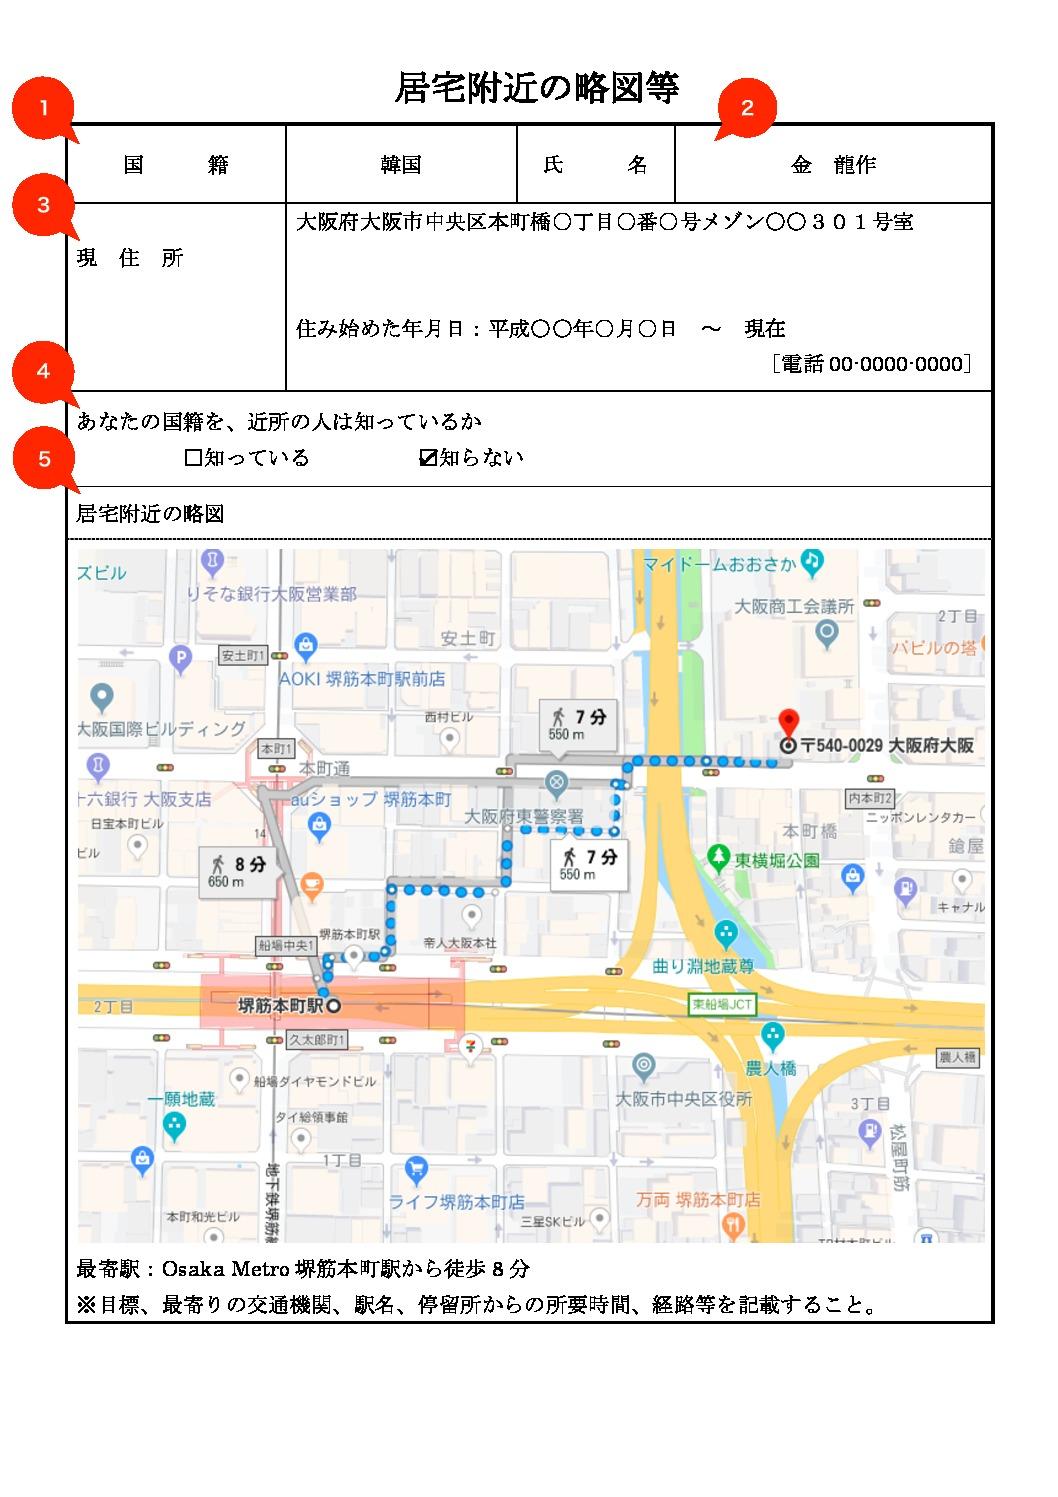 010居宅附近の略図等webのサムネイル